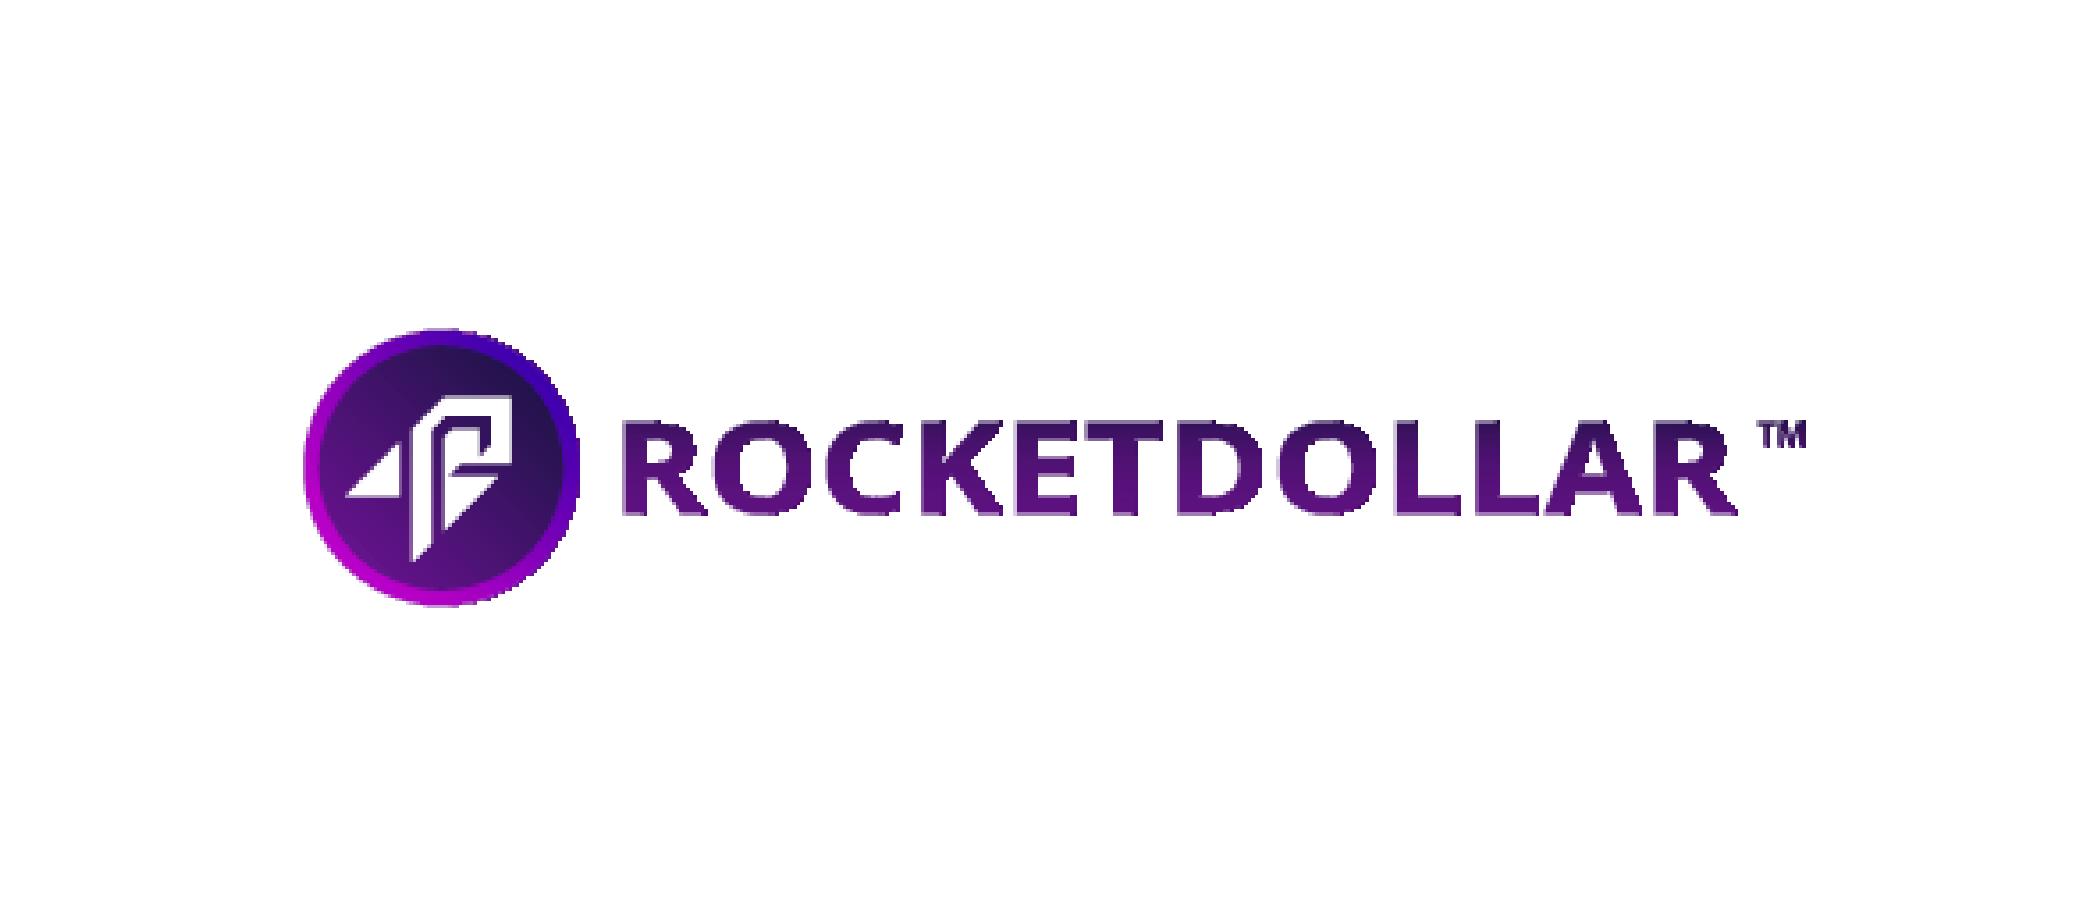 rocketdollar company logo color